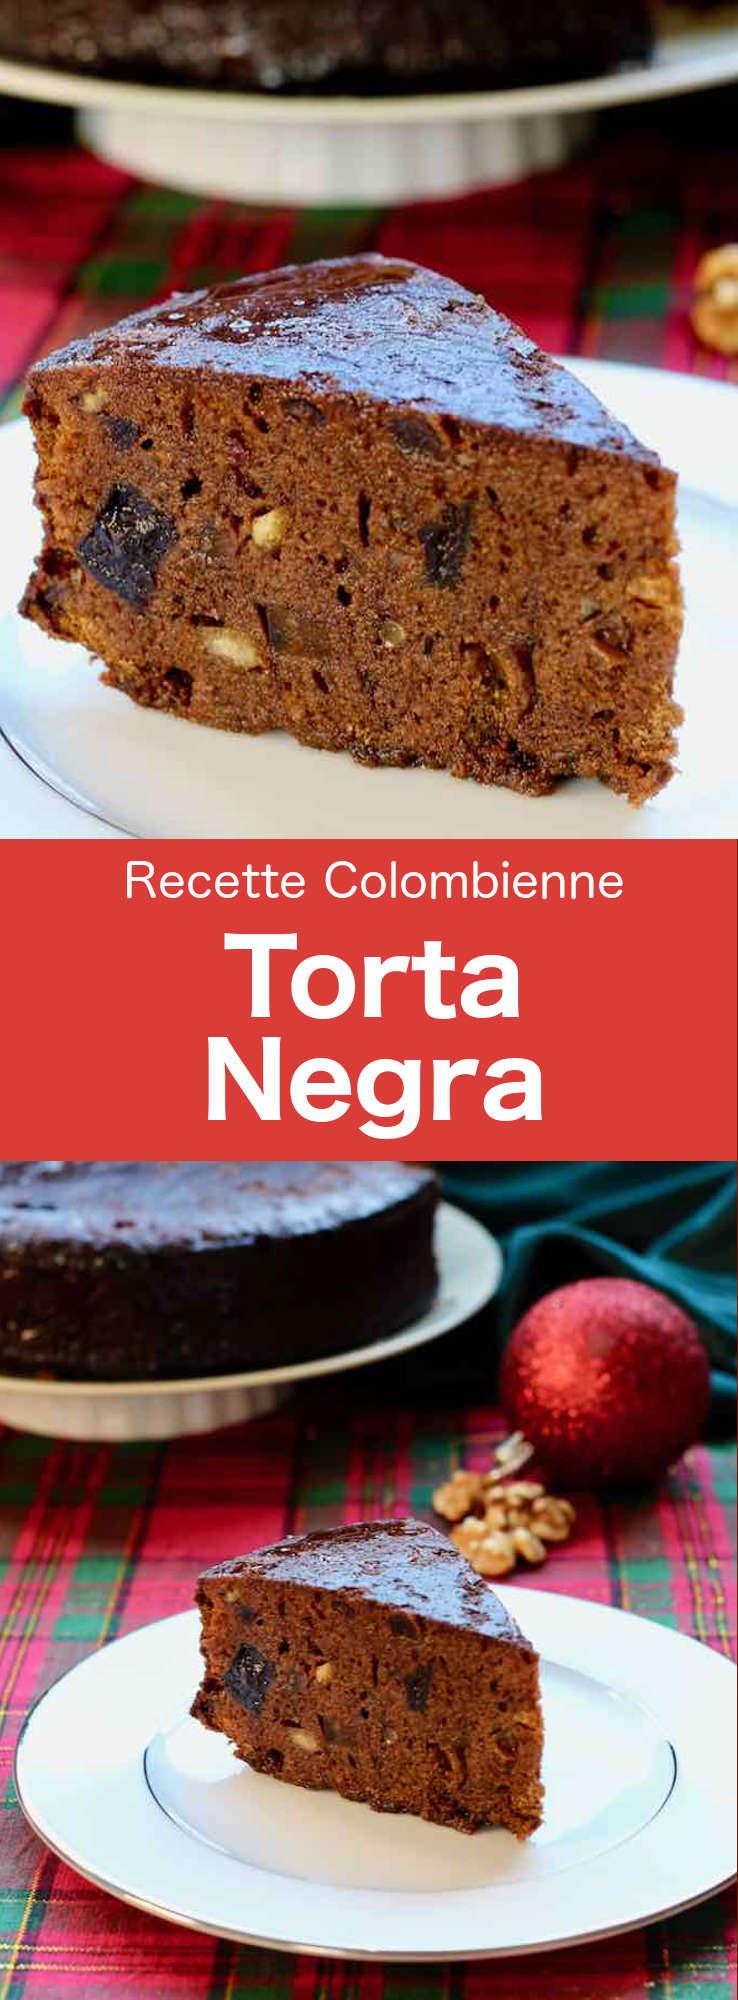 La torta negra est un gâteau au chocolat à base de fruits secs longuement macérés dans l'alcool, célèbre pendant les repas de Noël en Amérique Latine. #CuisineColombienne #AmeriqueLatine #CuisineLatine #CuisineDuMonde #196flavors